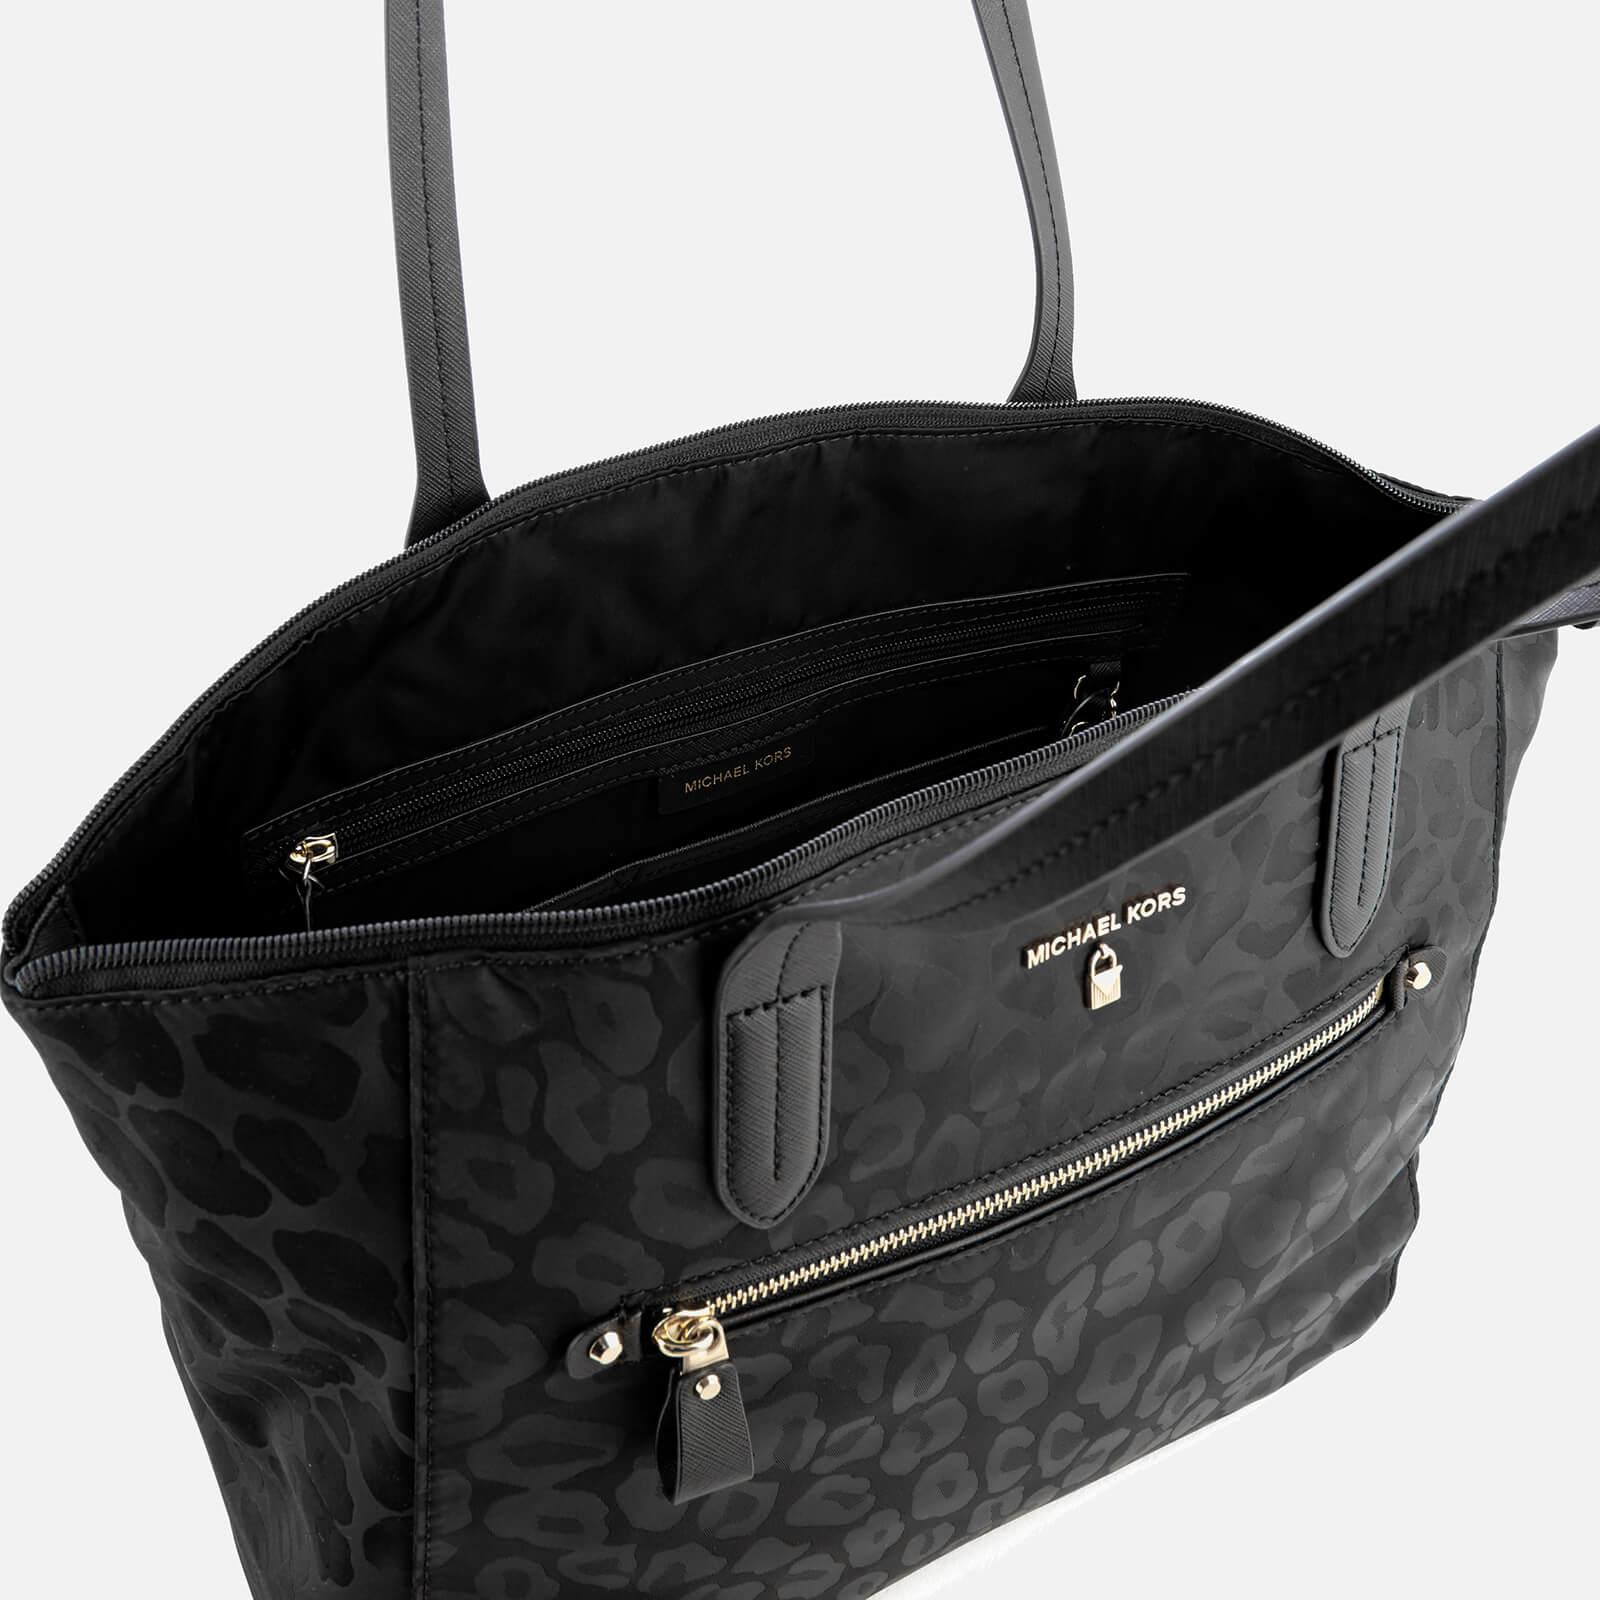 03c3bdda76fb MICHAEL Michael Kors Kelsey Large Top Zip Tote Bag in Black - Lyst